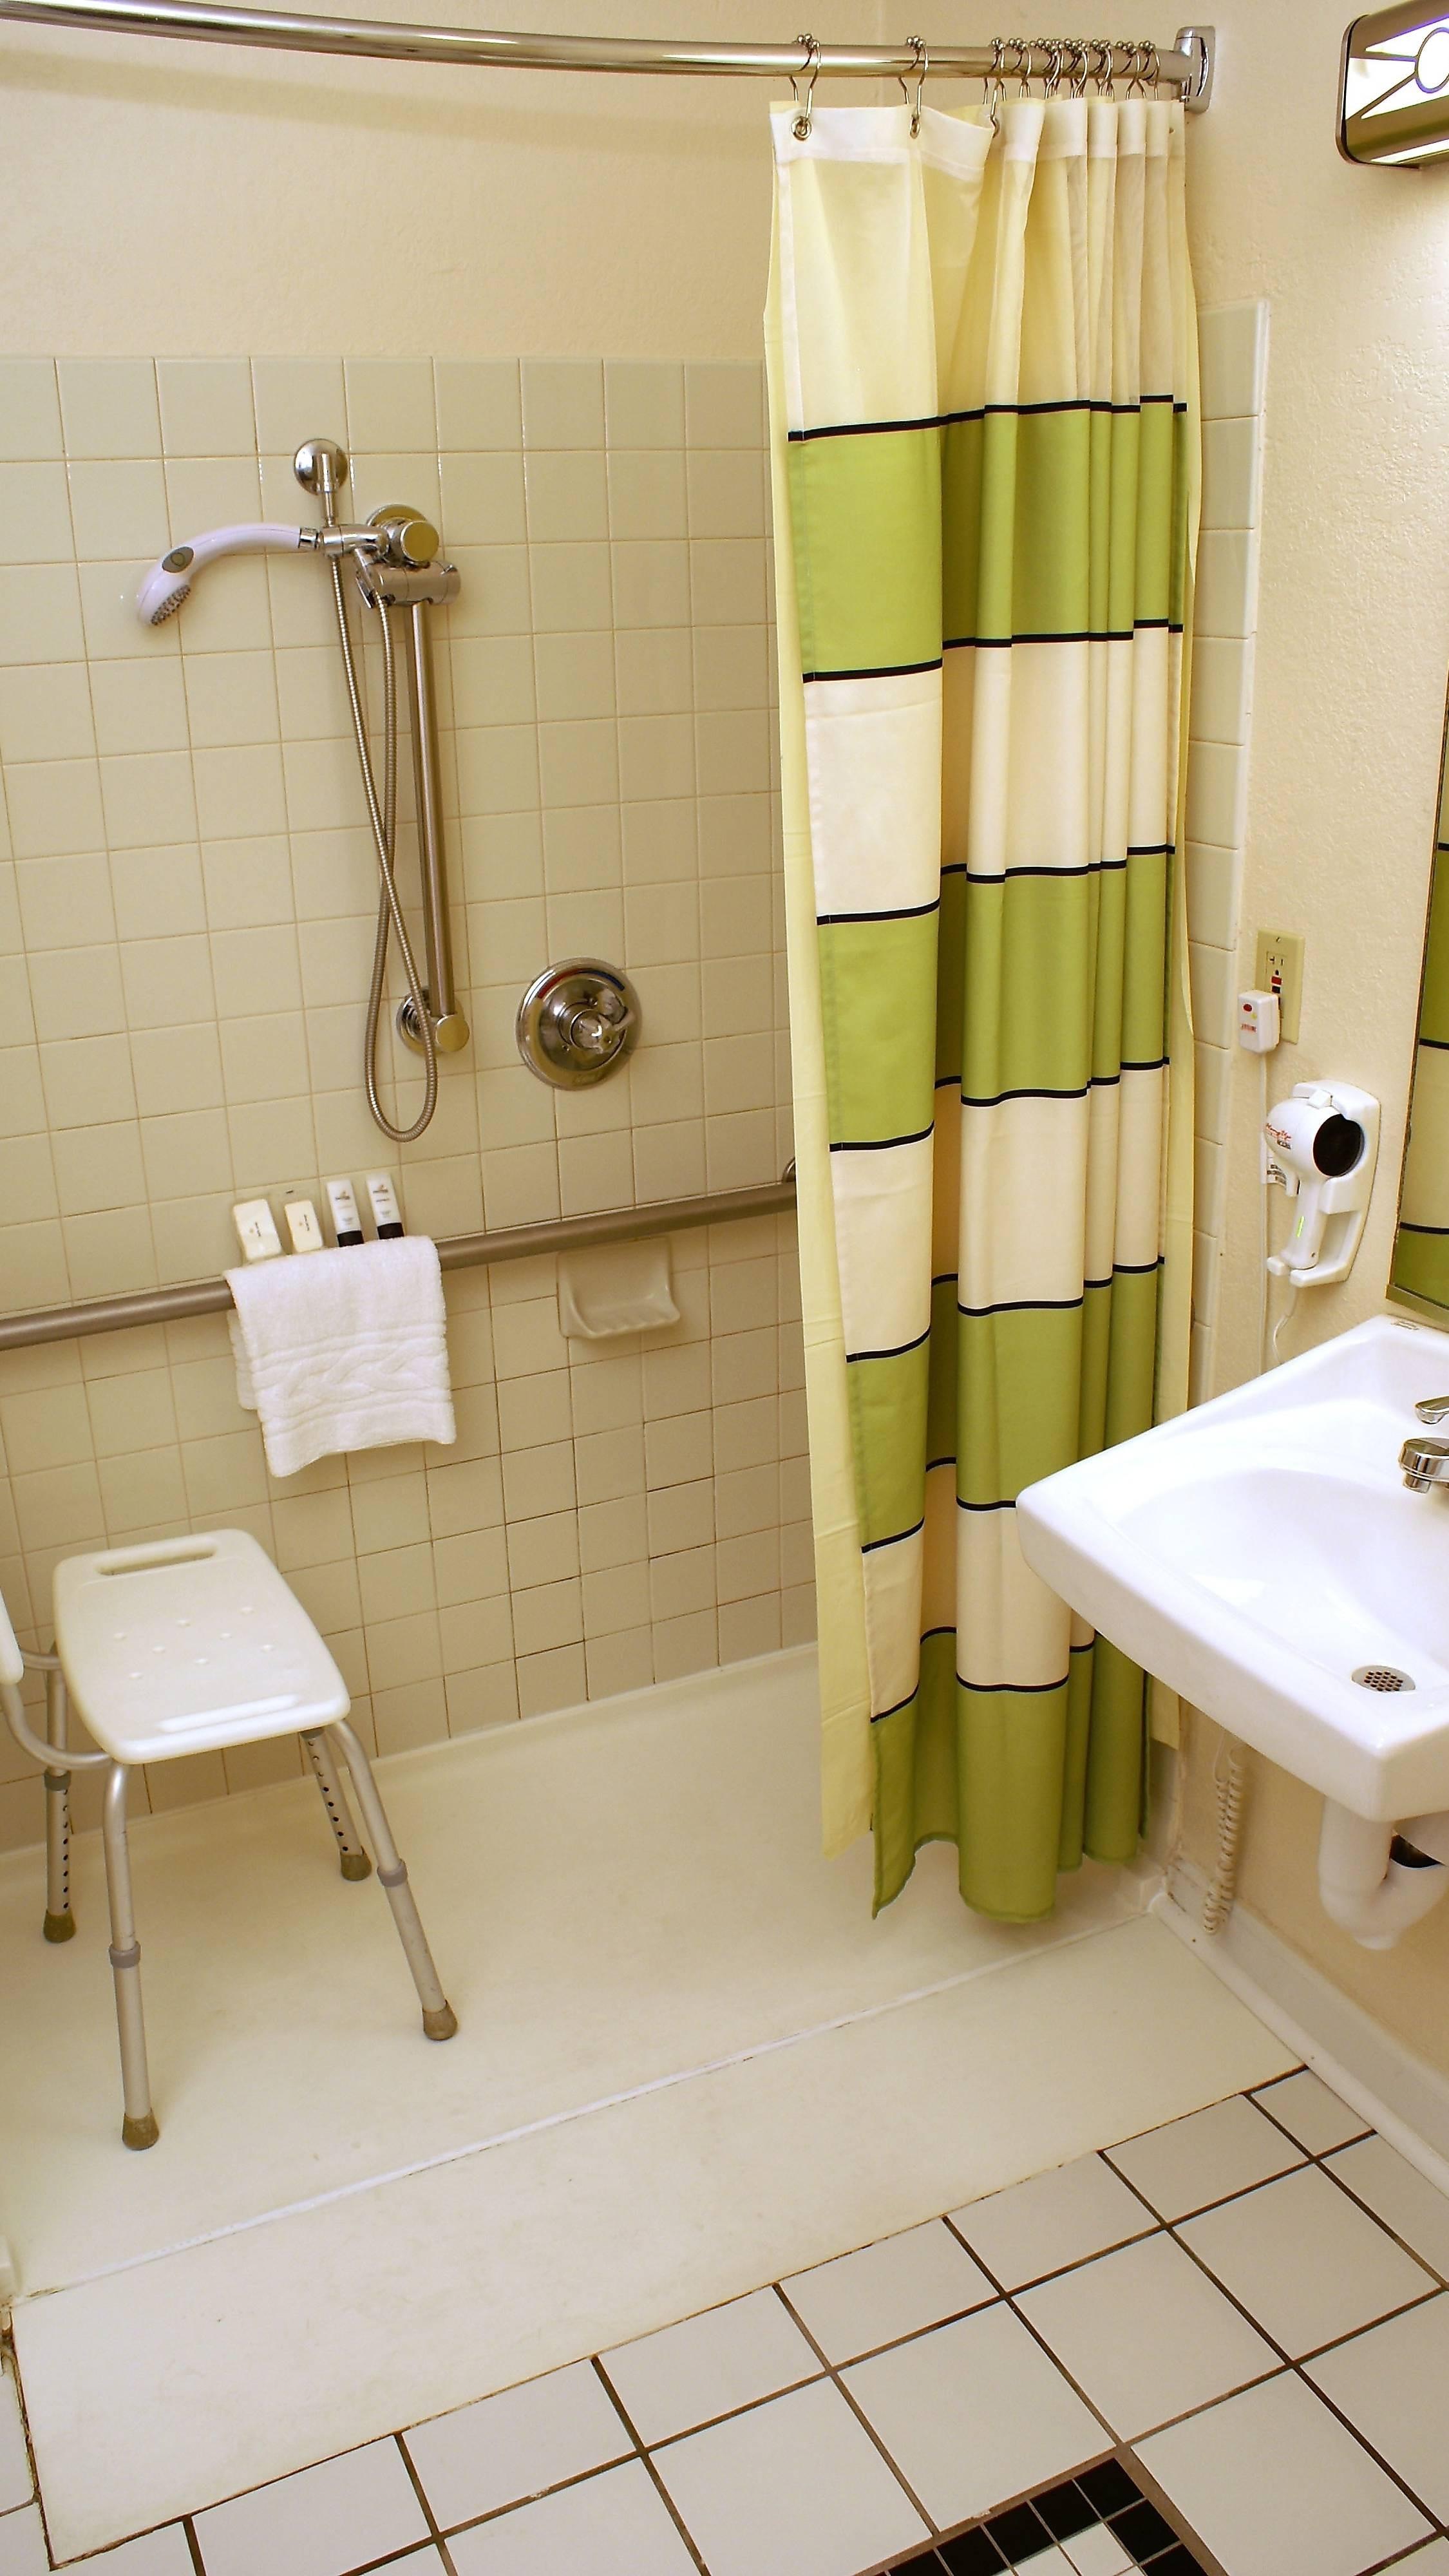 Fredericksburg VA accommodations